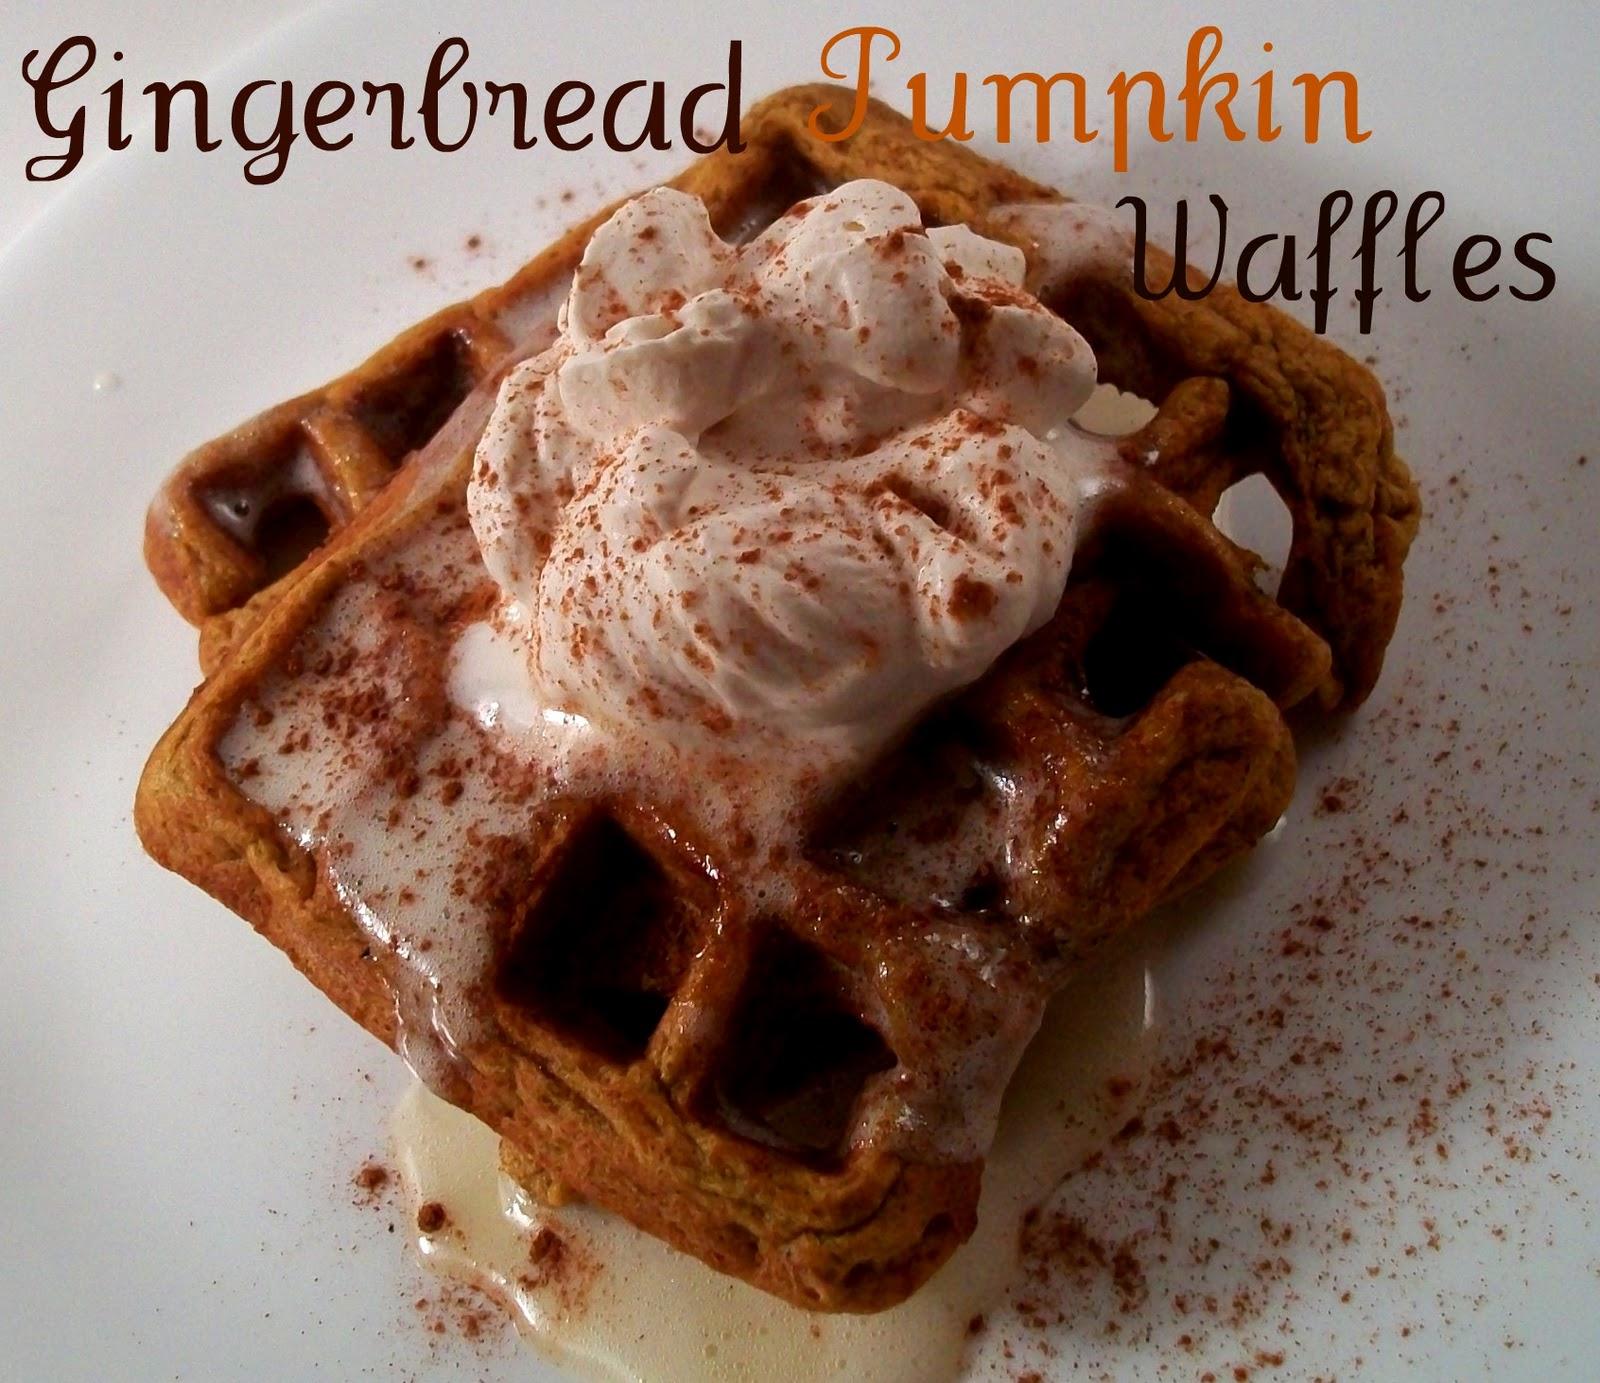 http://i0.wp.com/4.bp.blogspot.com/_lpt2kTYCqUQ/TP2v-sdRPuI/AAAAAAAADgg/CdZIdt2eCbs/s1600/Gingerbread+Pumpkin+Waffles.jpg?resize=616%2C533